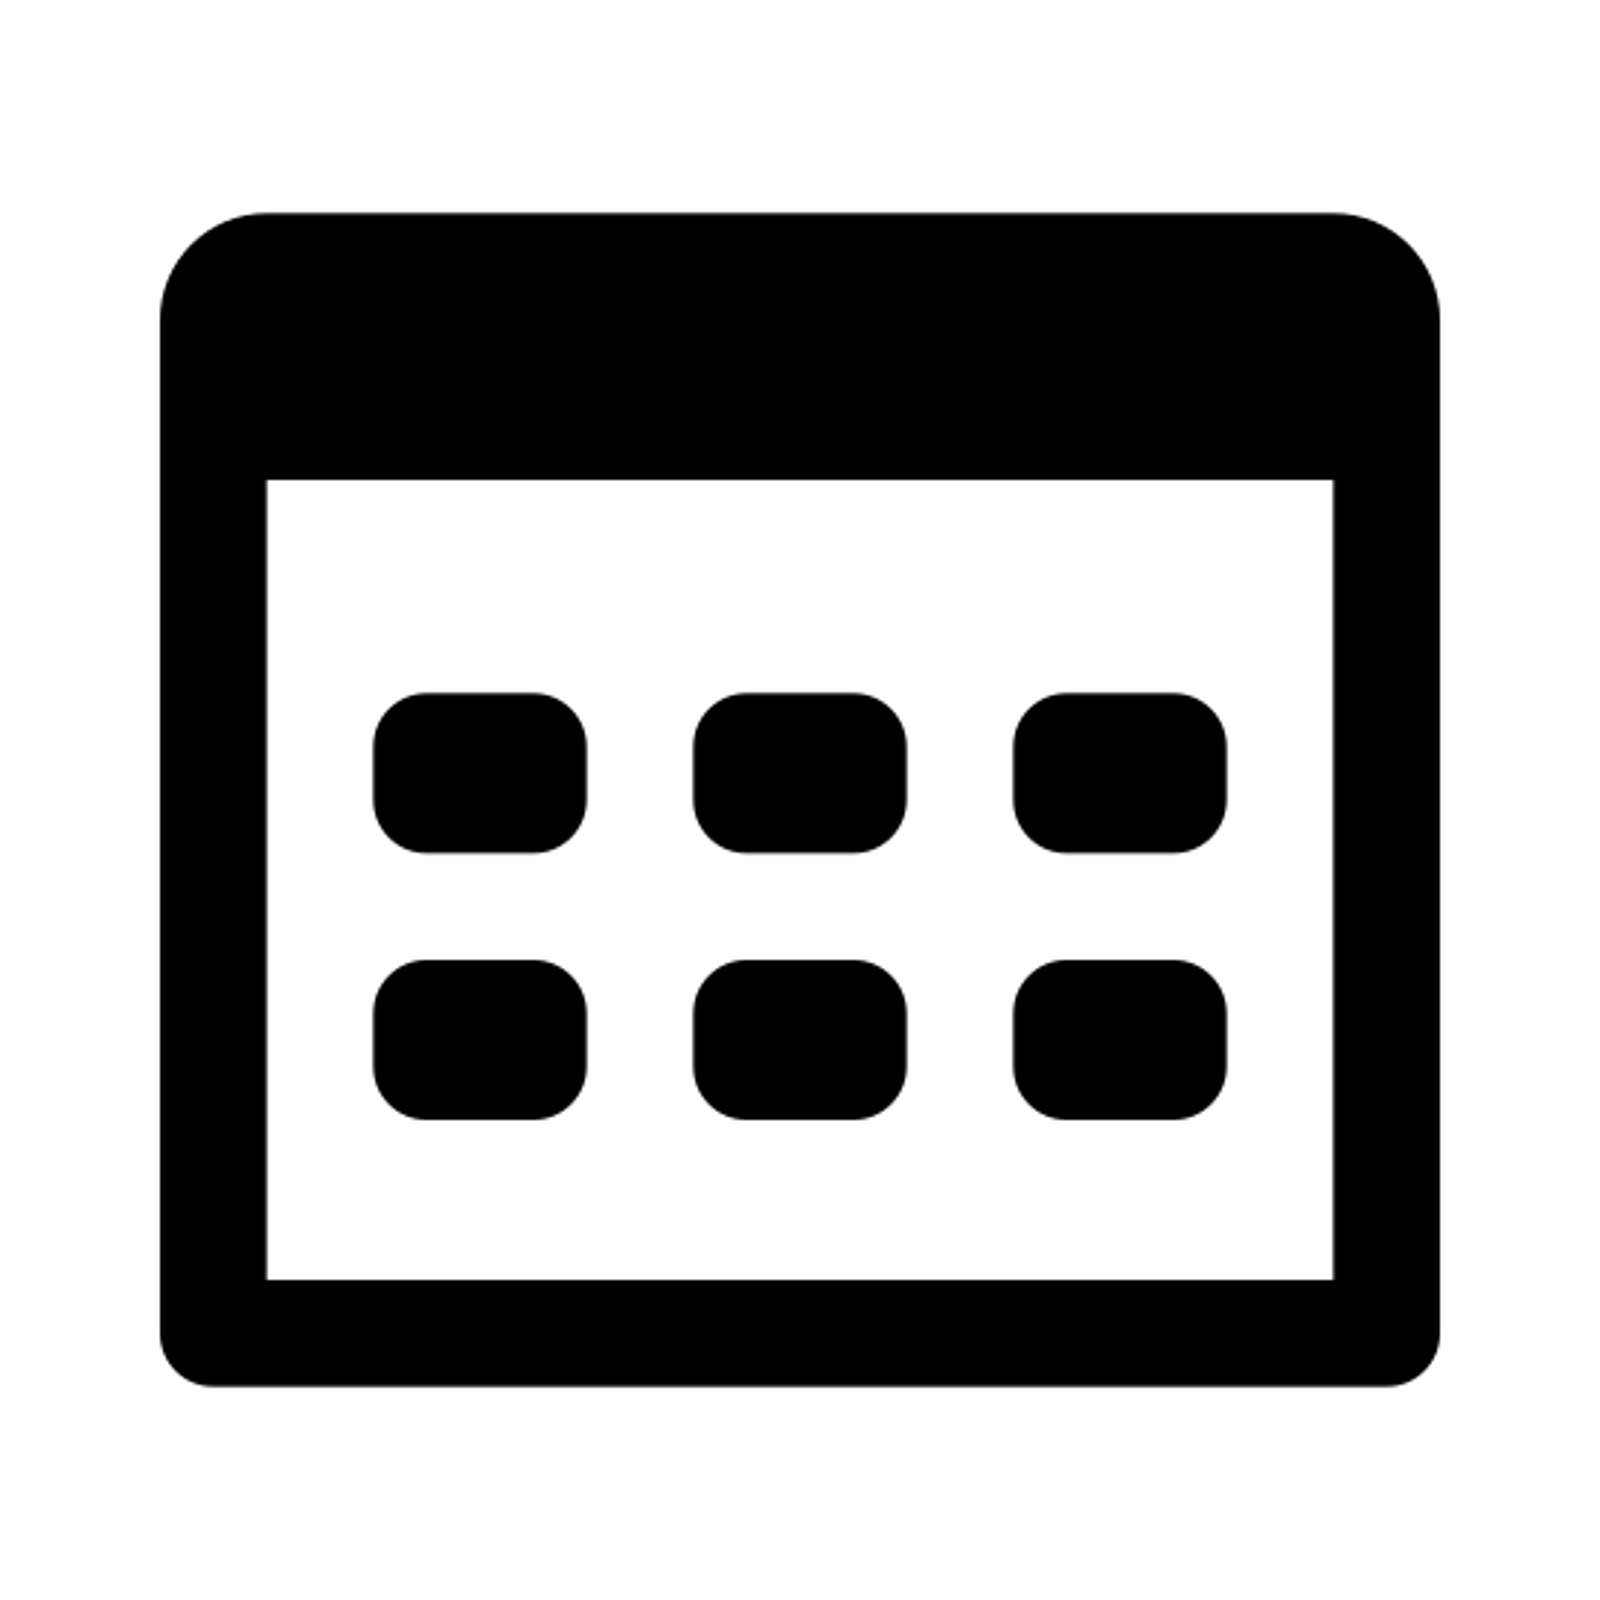 サムネイル icon. The logo is of a series of nine small squares in a grid pattern.  The grid is three squares wide by three squares tall. The squares are not touching at all, there is an even amount of space between each square.